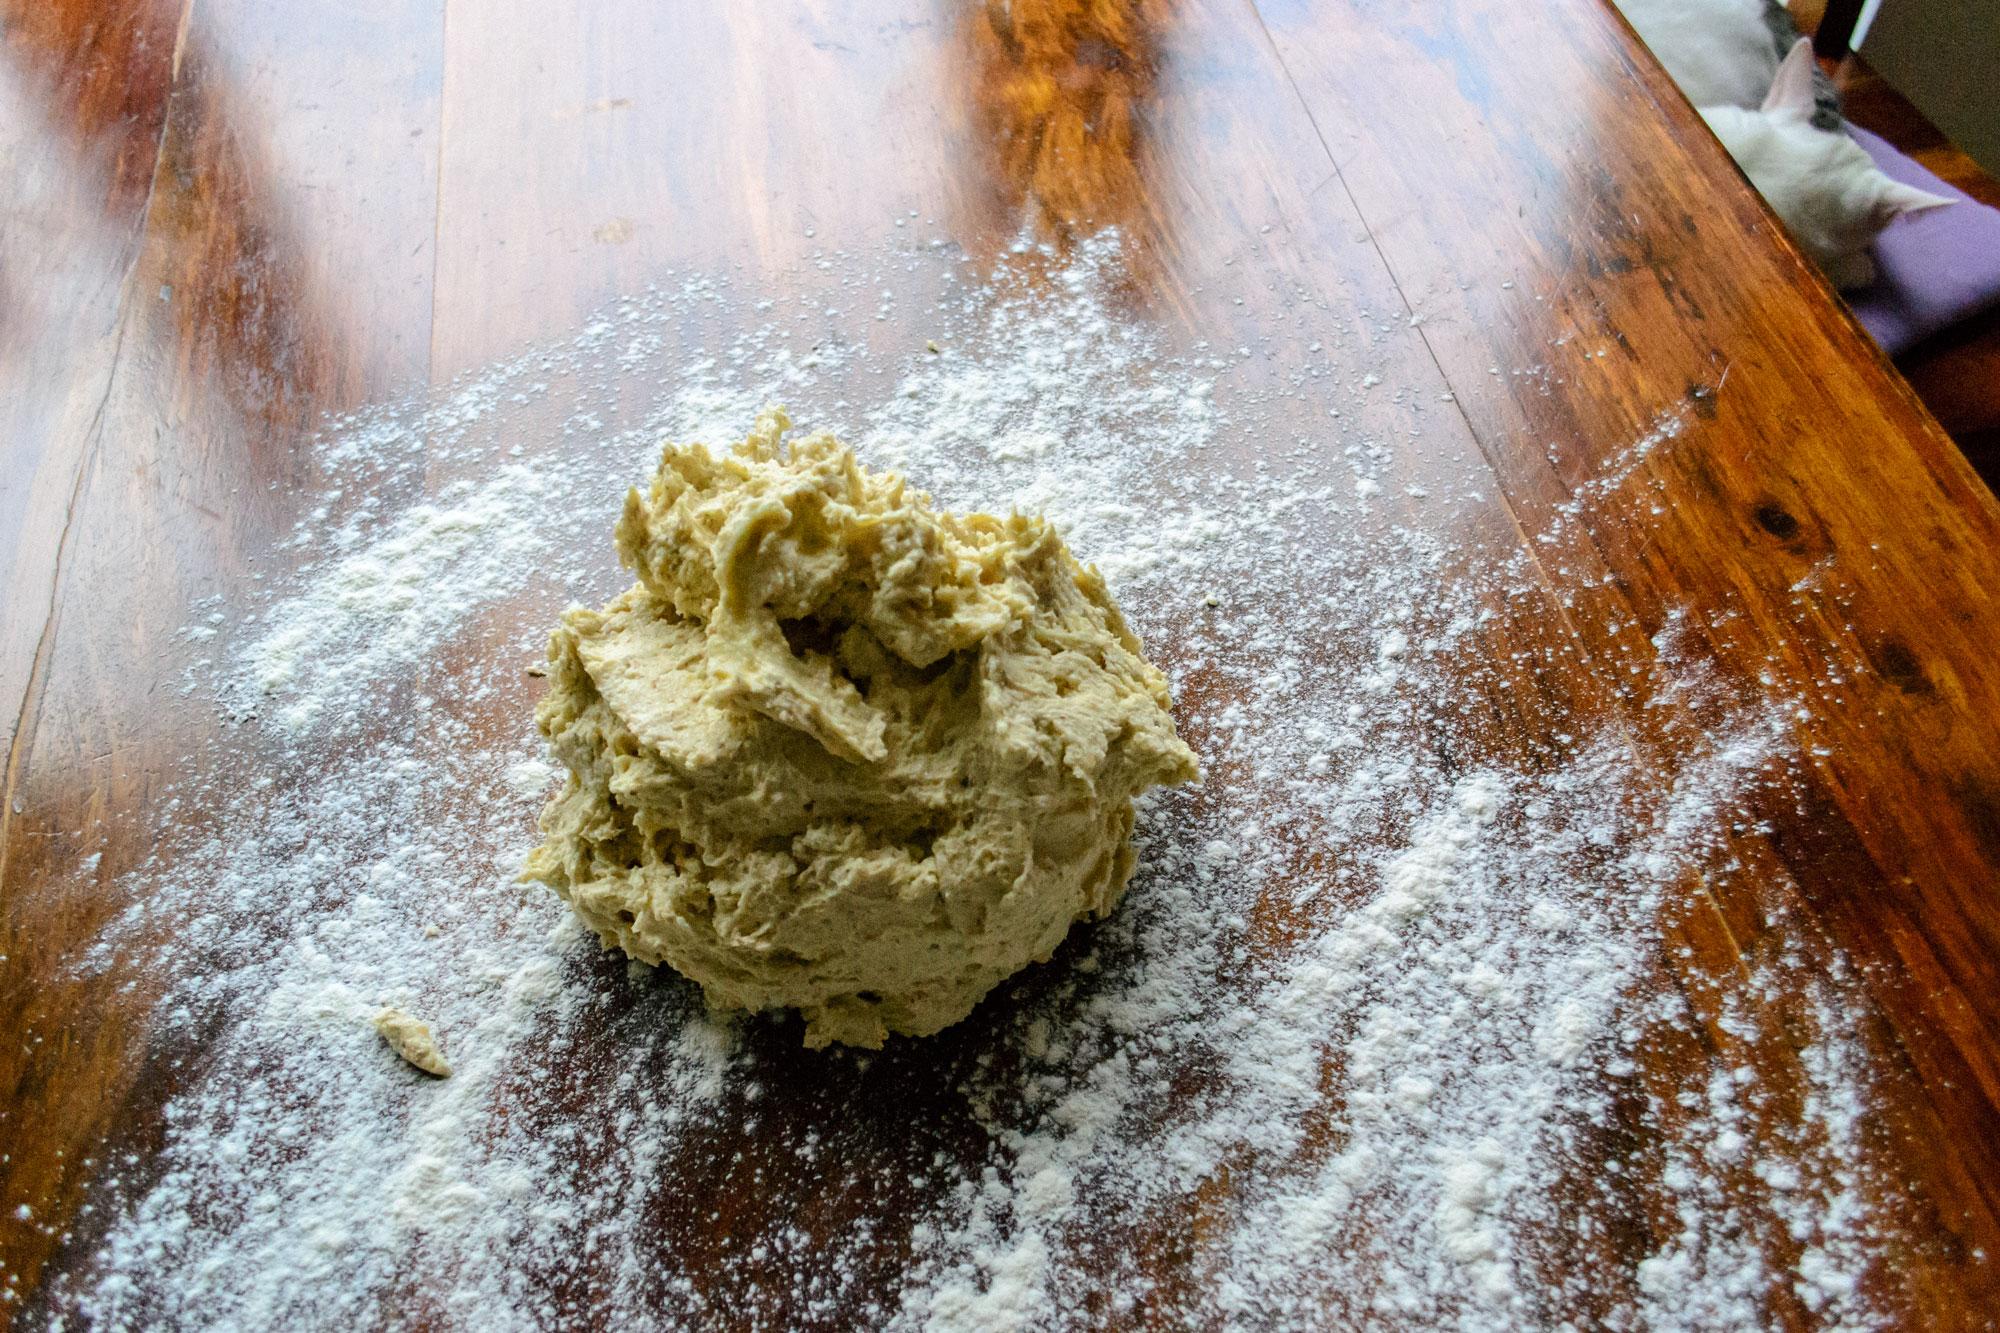 Recept za kekse - brza priprema božićnih kolača - 5. korak